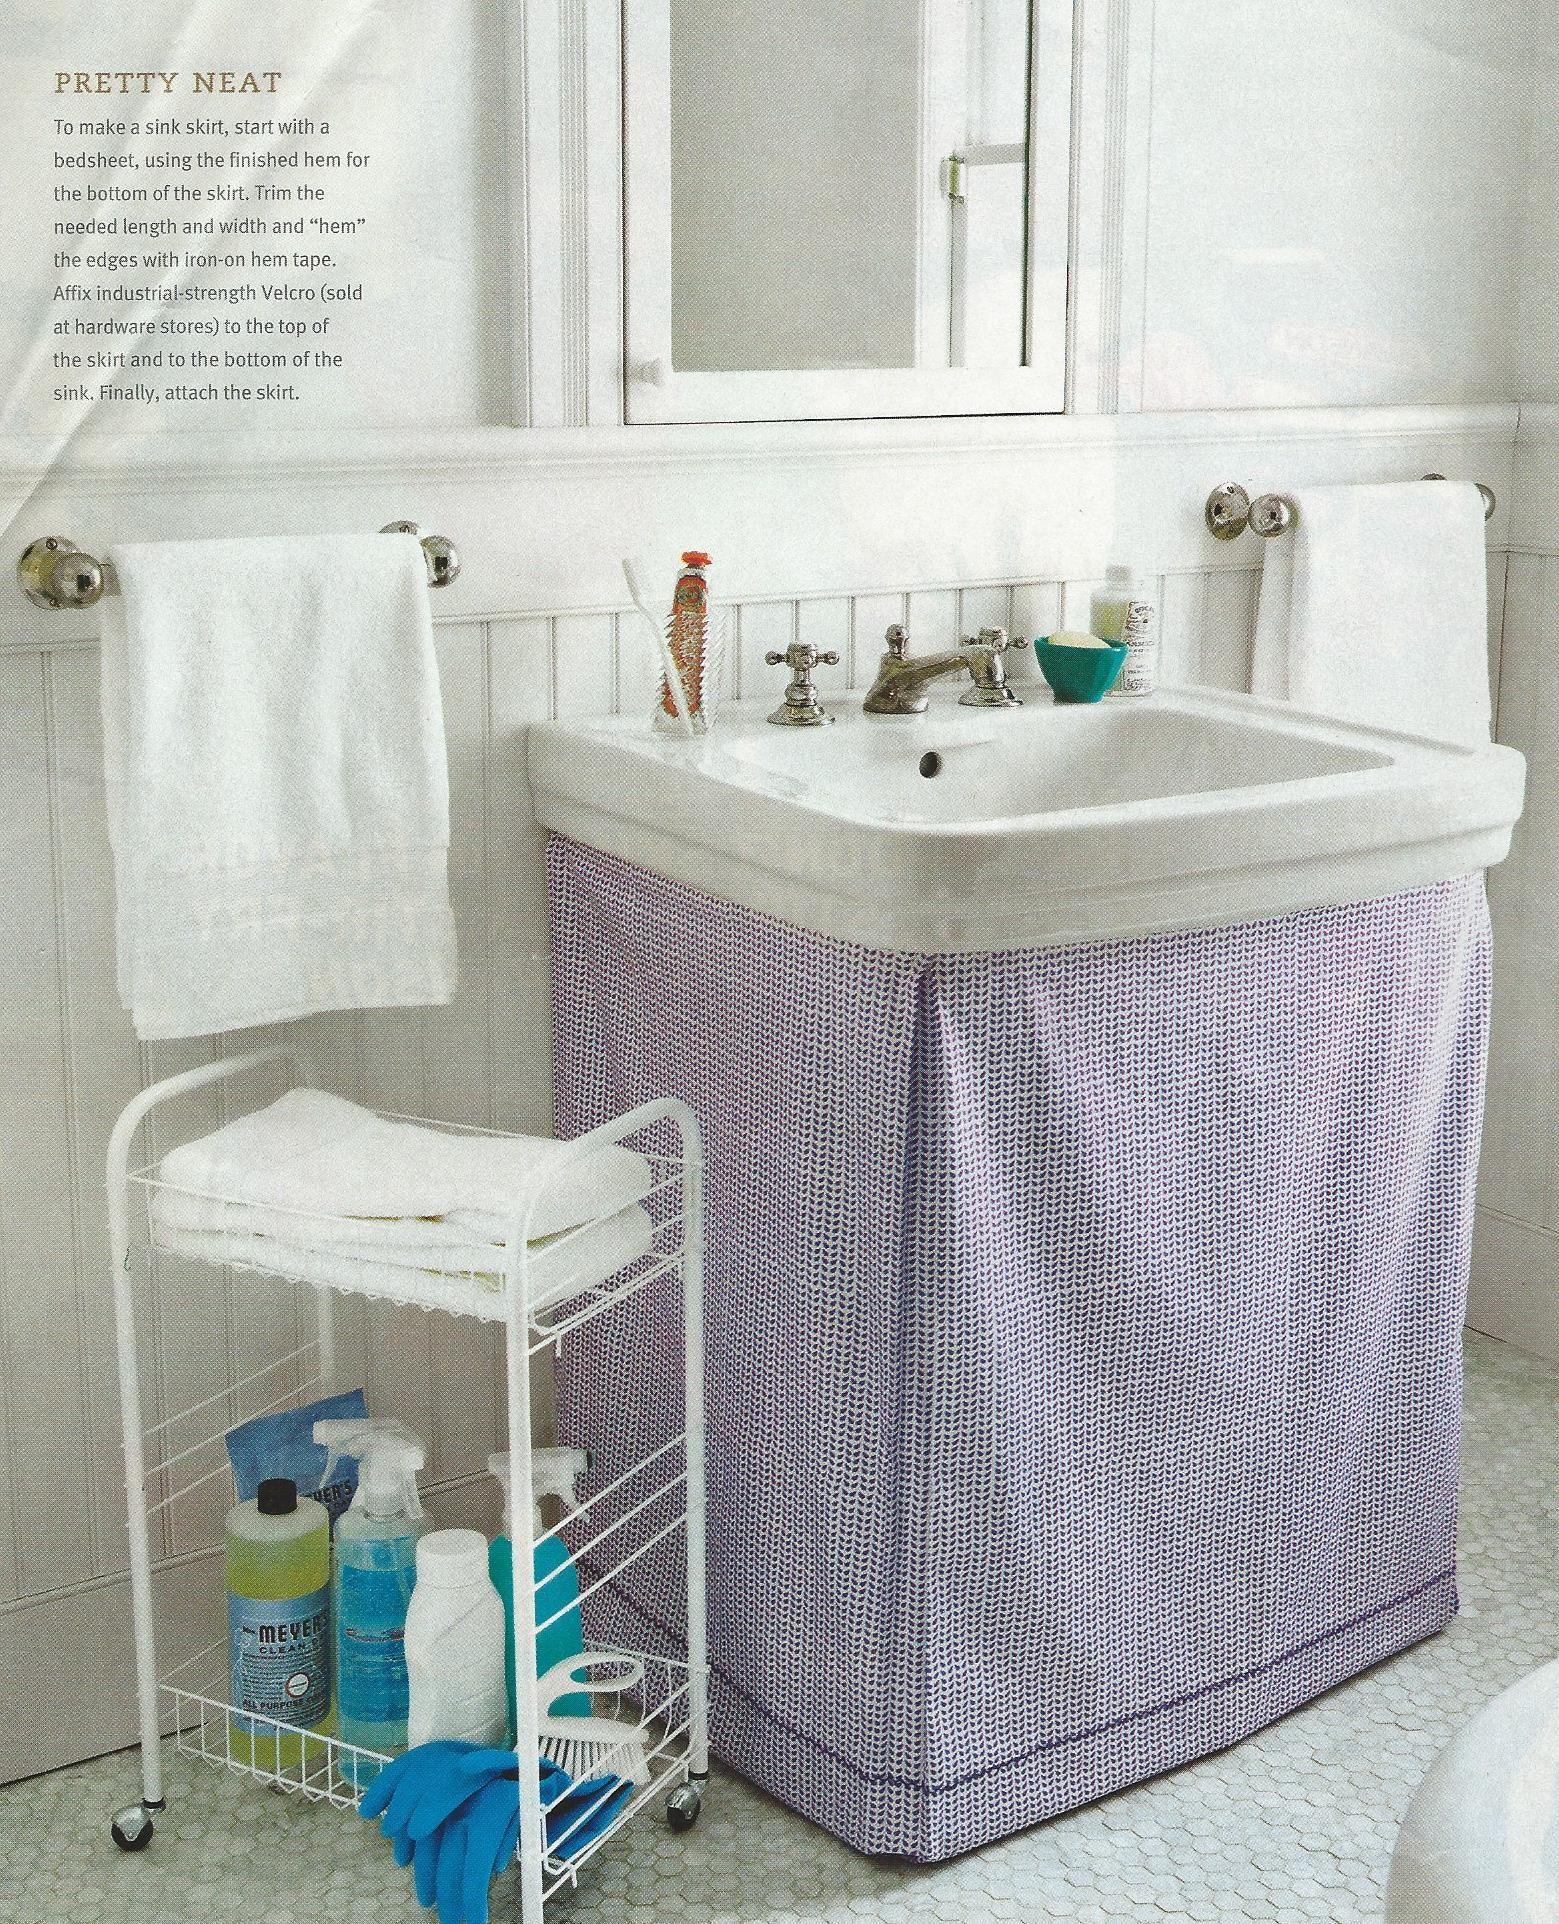 Шторка под ванную: виды, выбор и монтаж своими руками 5